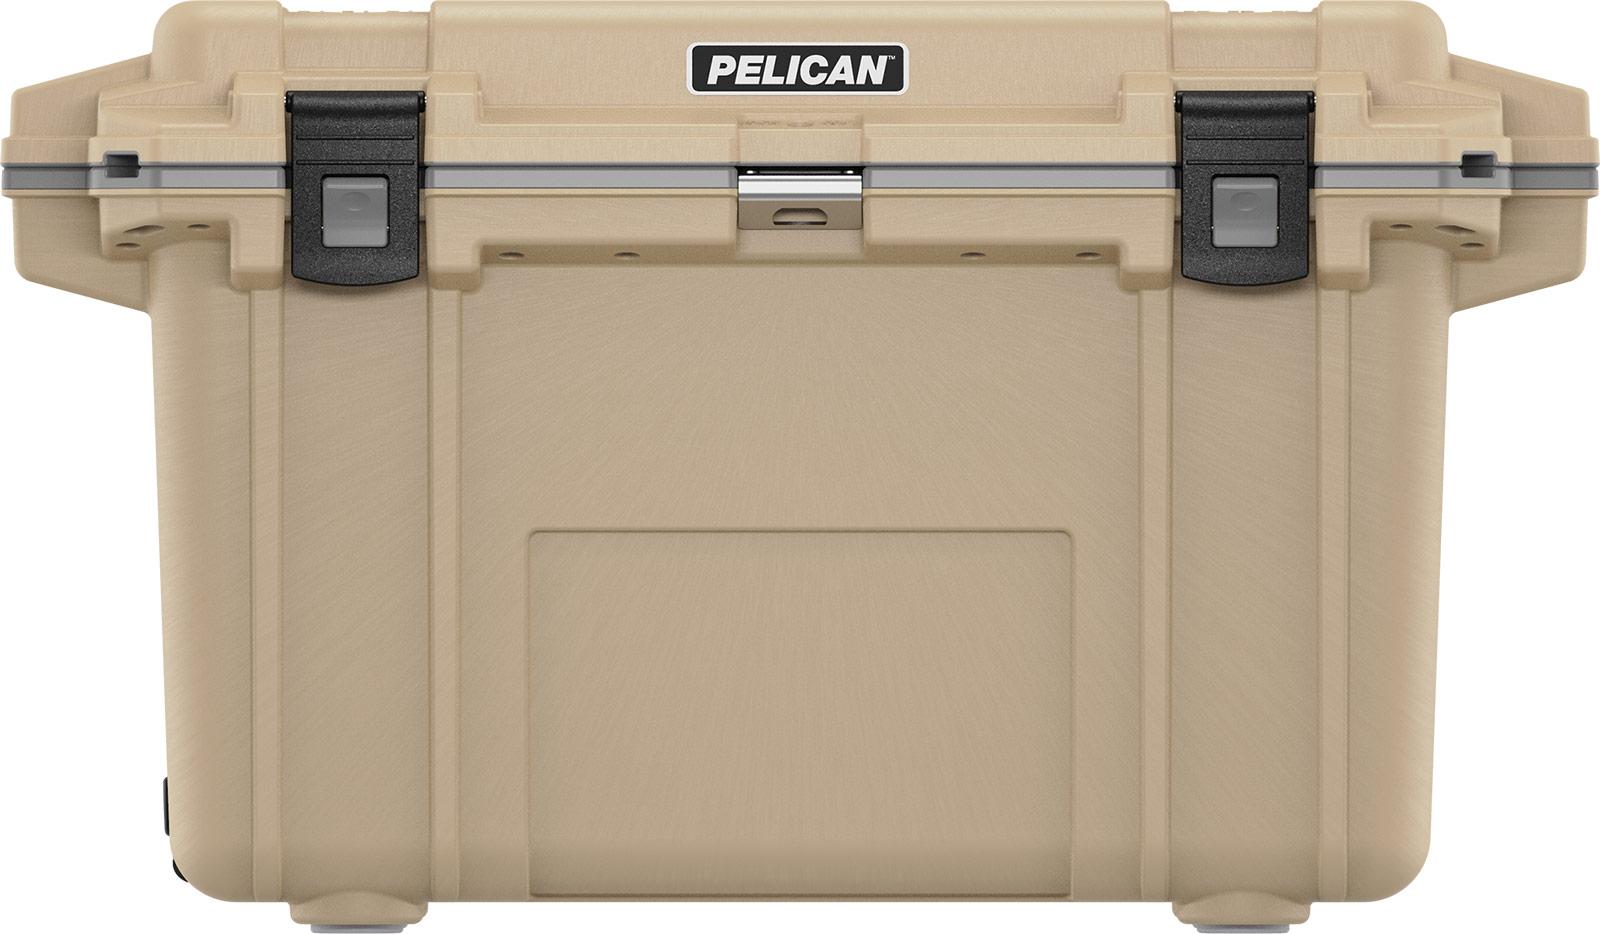 pelicantan outdoor 70qt cooler overlanding